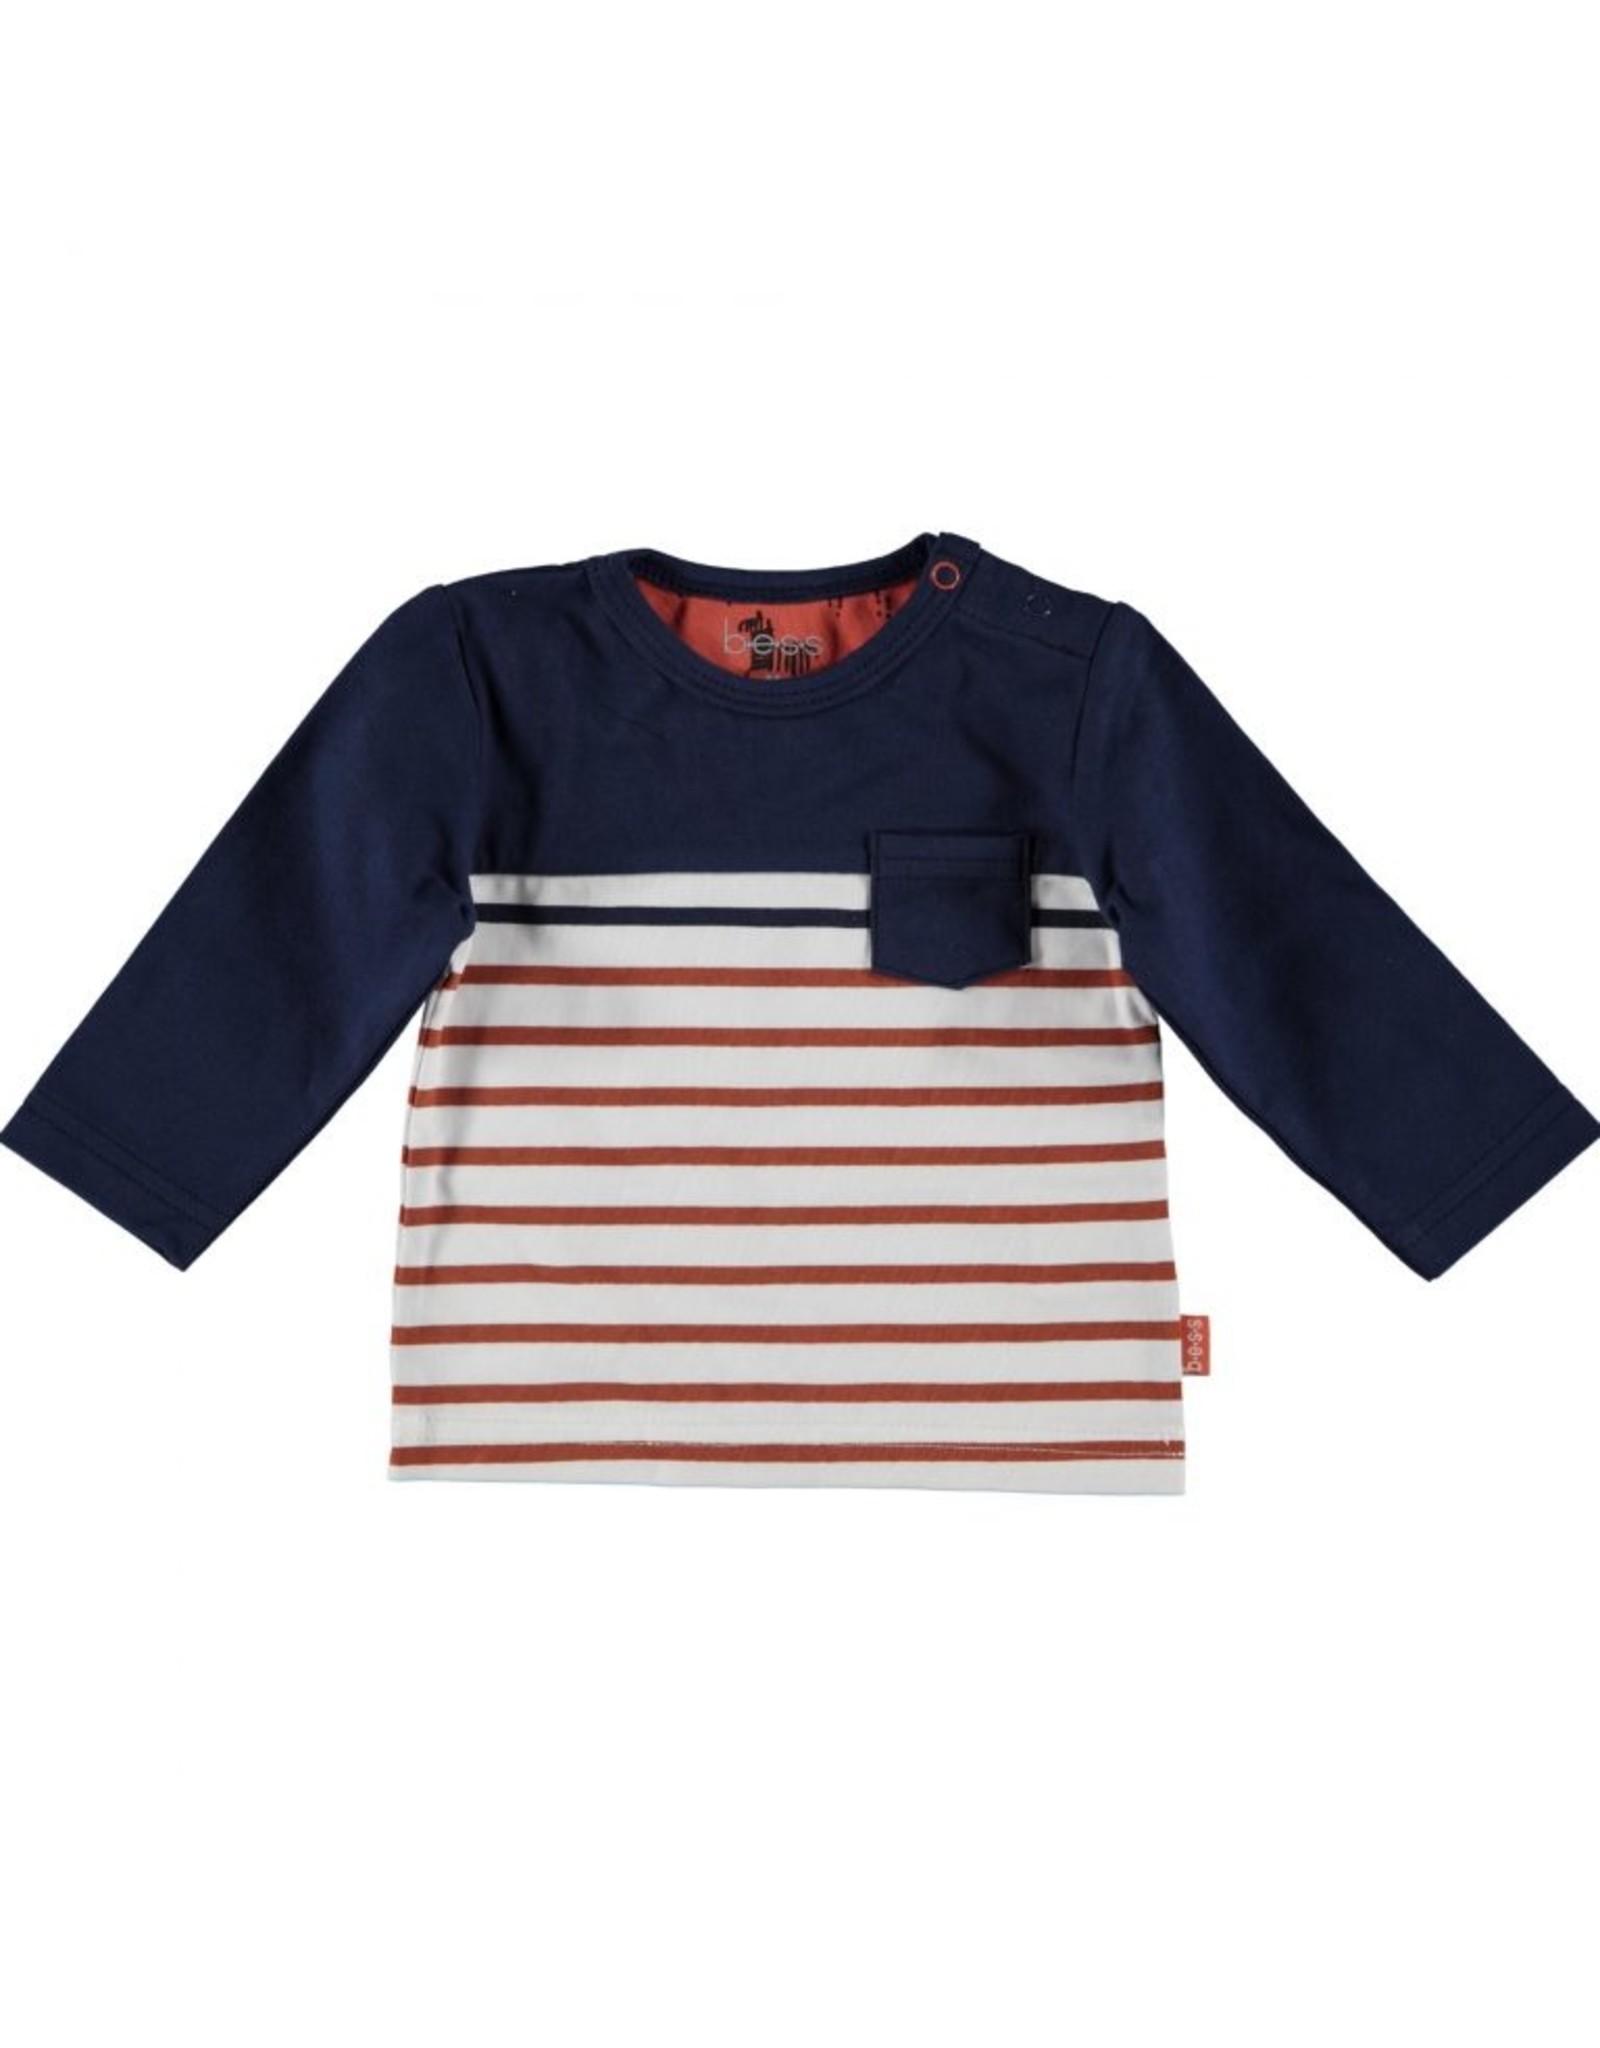 BESS Bess Shirt L. Sl. Striped With Pocket Blue